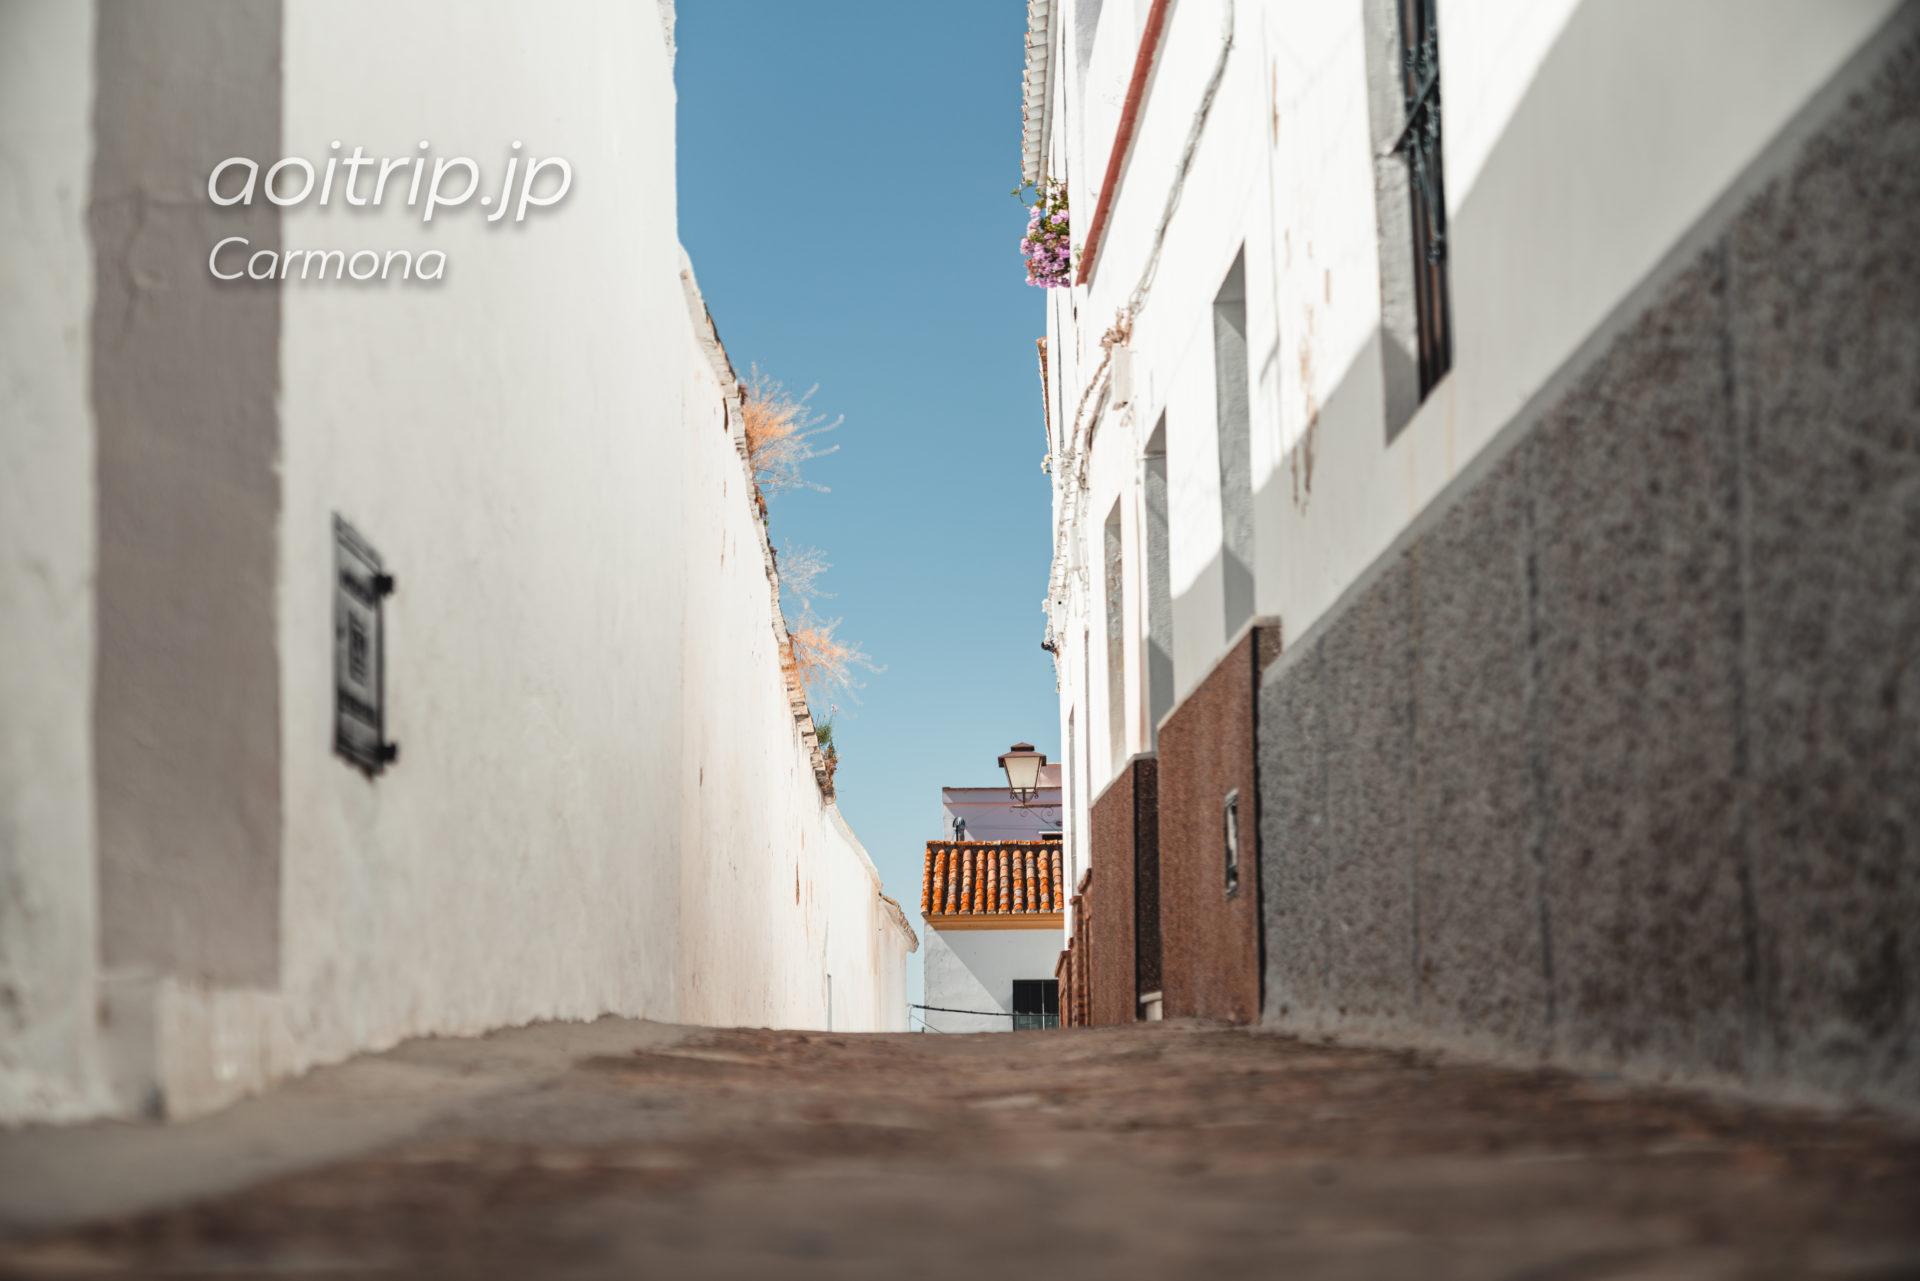 スペインの白い村カルモナ